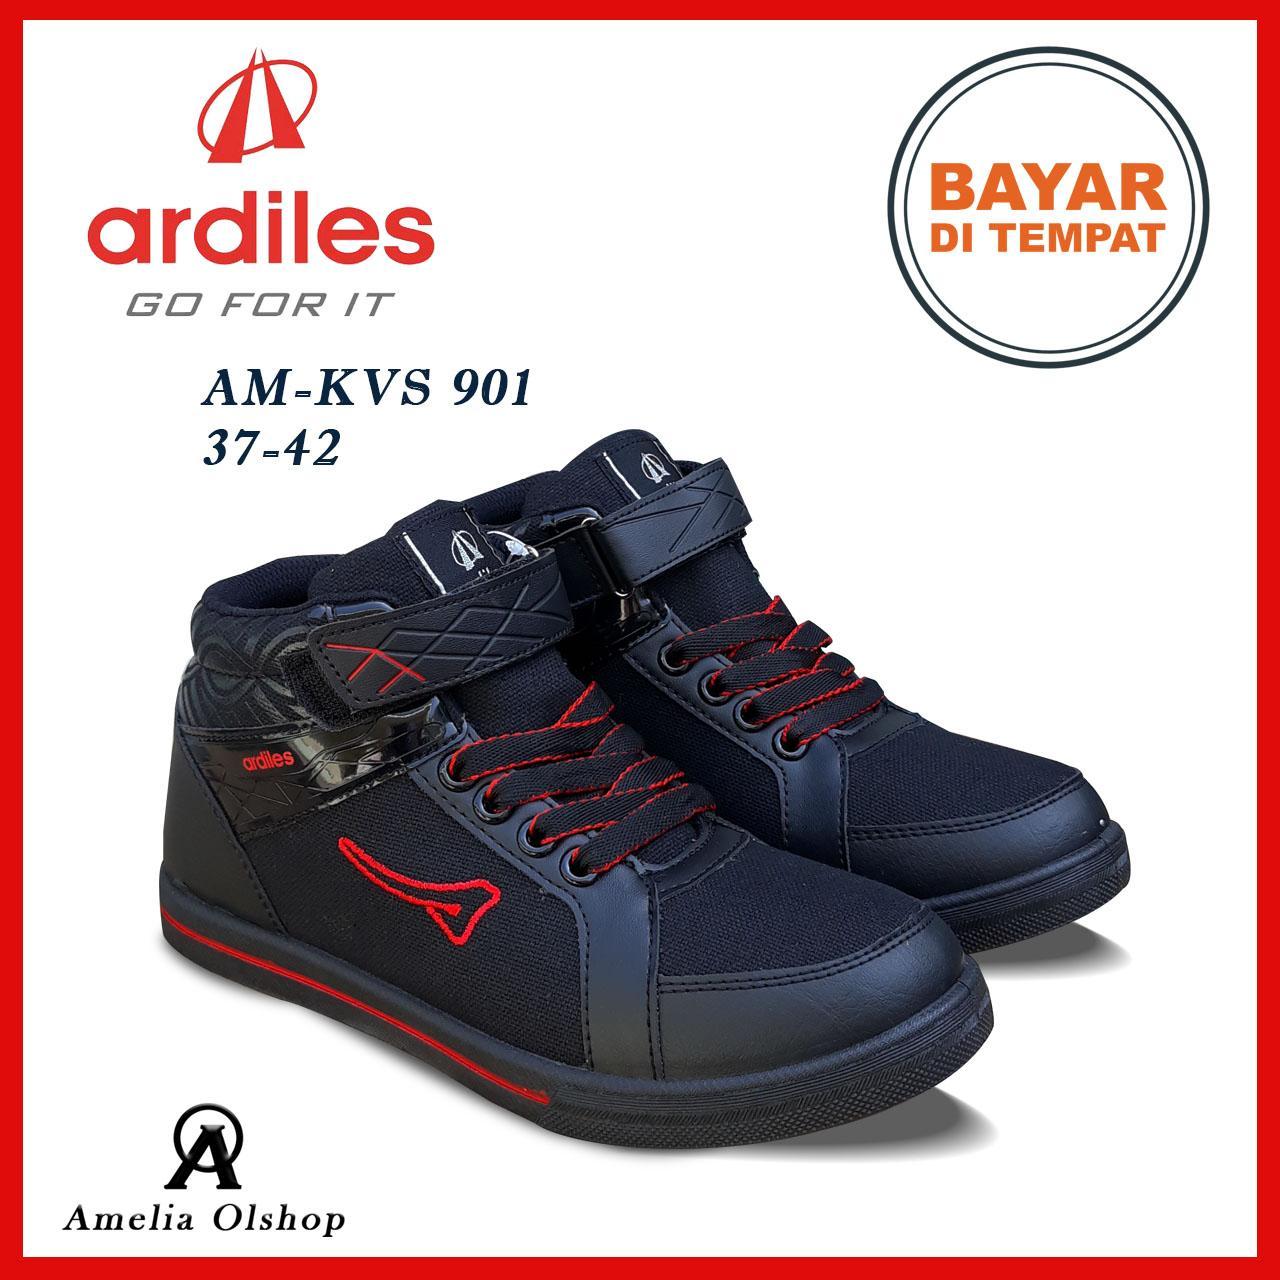 Amelia Olshop - Ardiles Sepatu Sekolah Jaman Now AM-KVS-901 37-42 / Sepatu Hitam / Sepatu Pria / Sepatu Anak Cowok / Sepatu Sneakers anak cowok / Sepatu Sekolah Anak Unisex